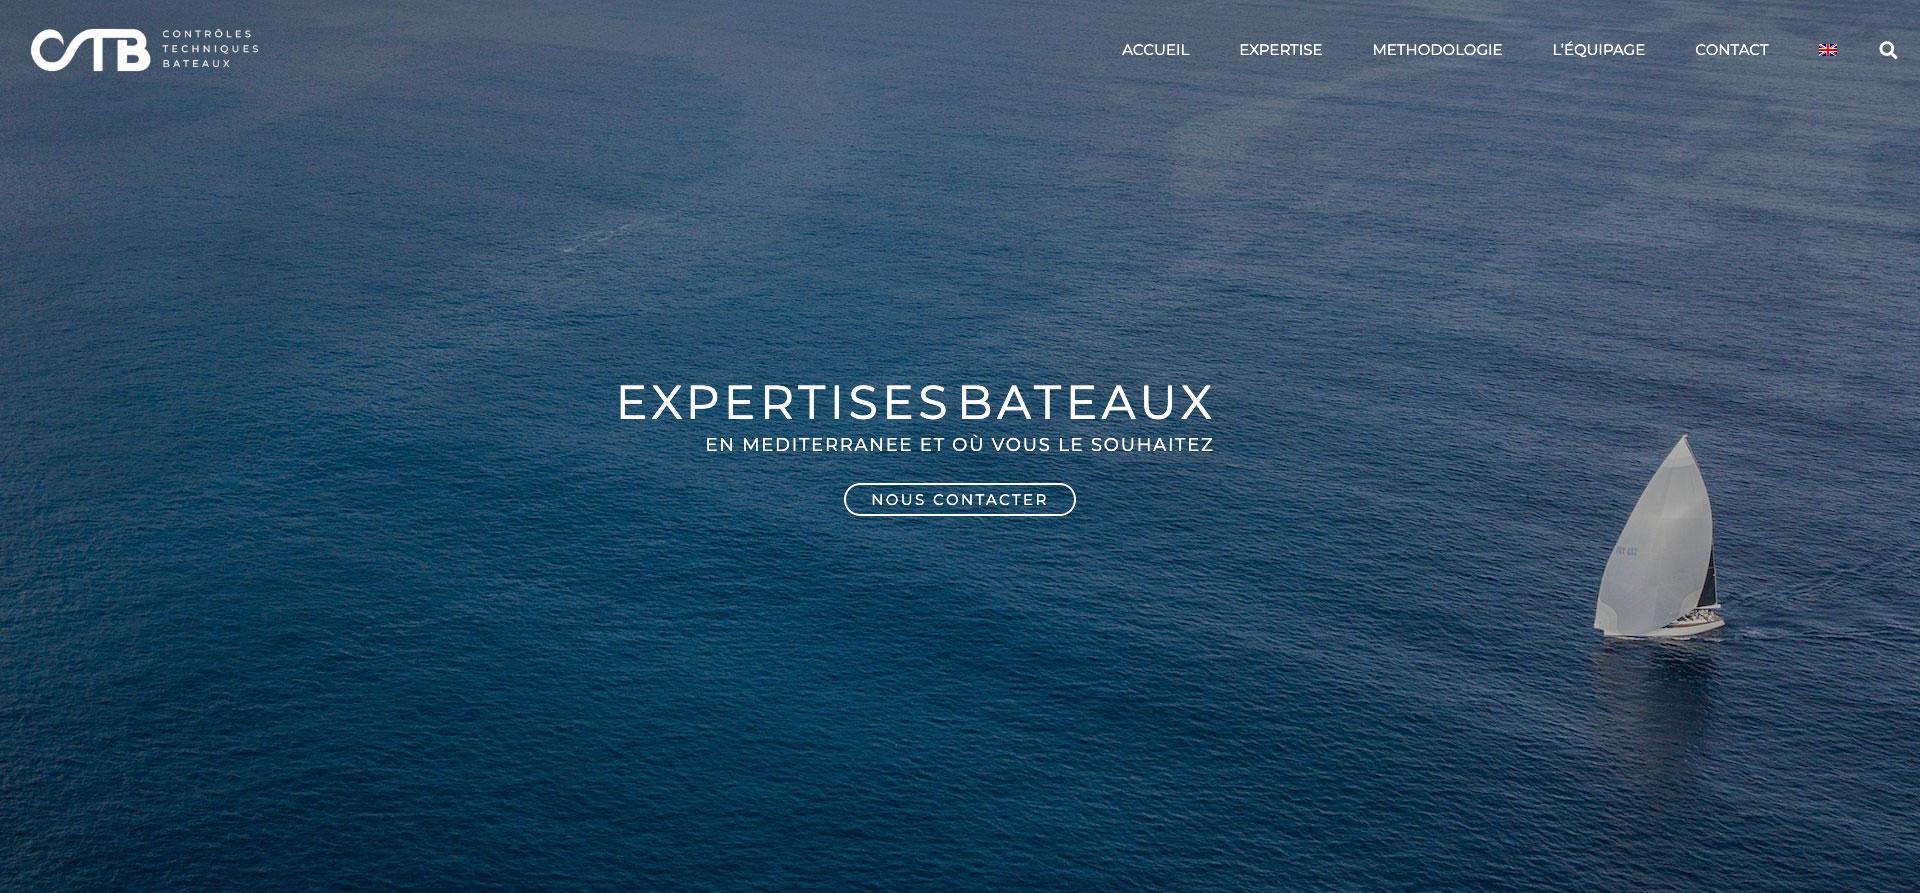 Nos dernières réalisations - CTB Expertise Bateaux